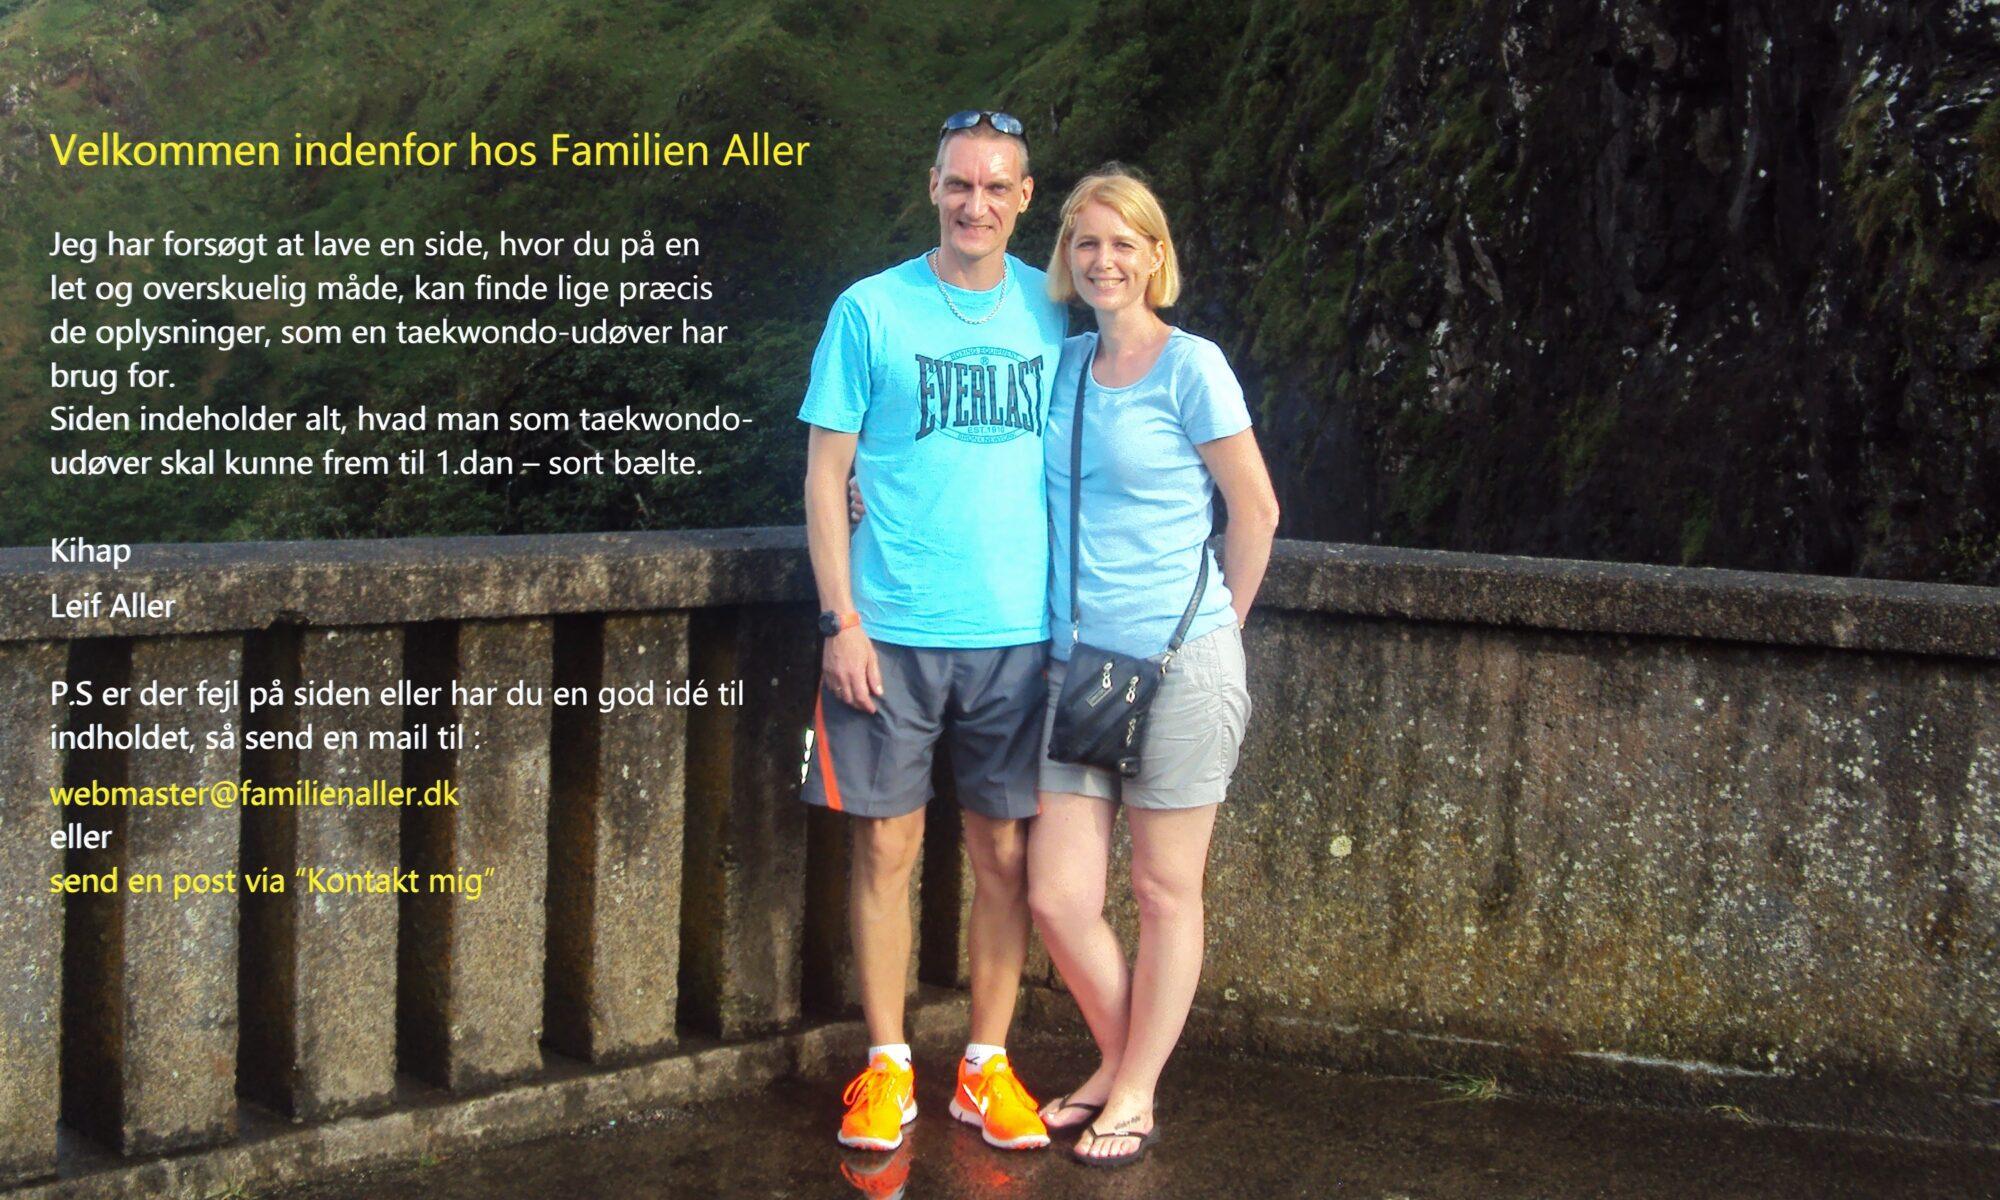 Familienaller.dk